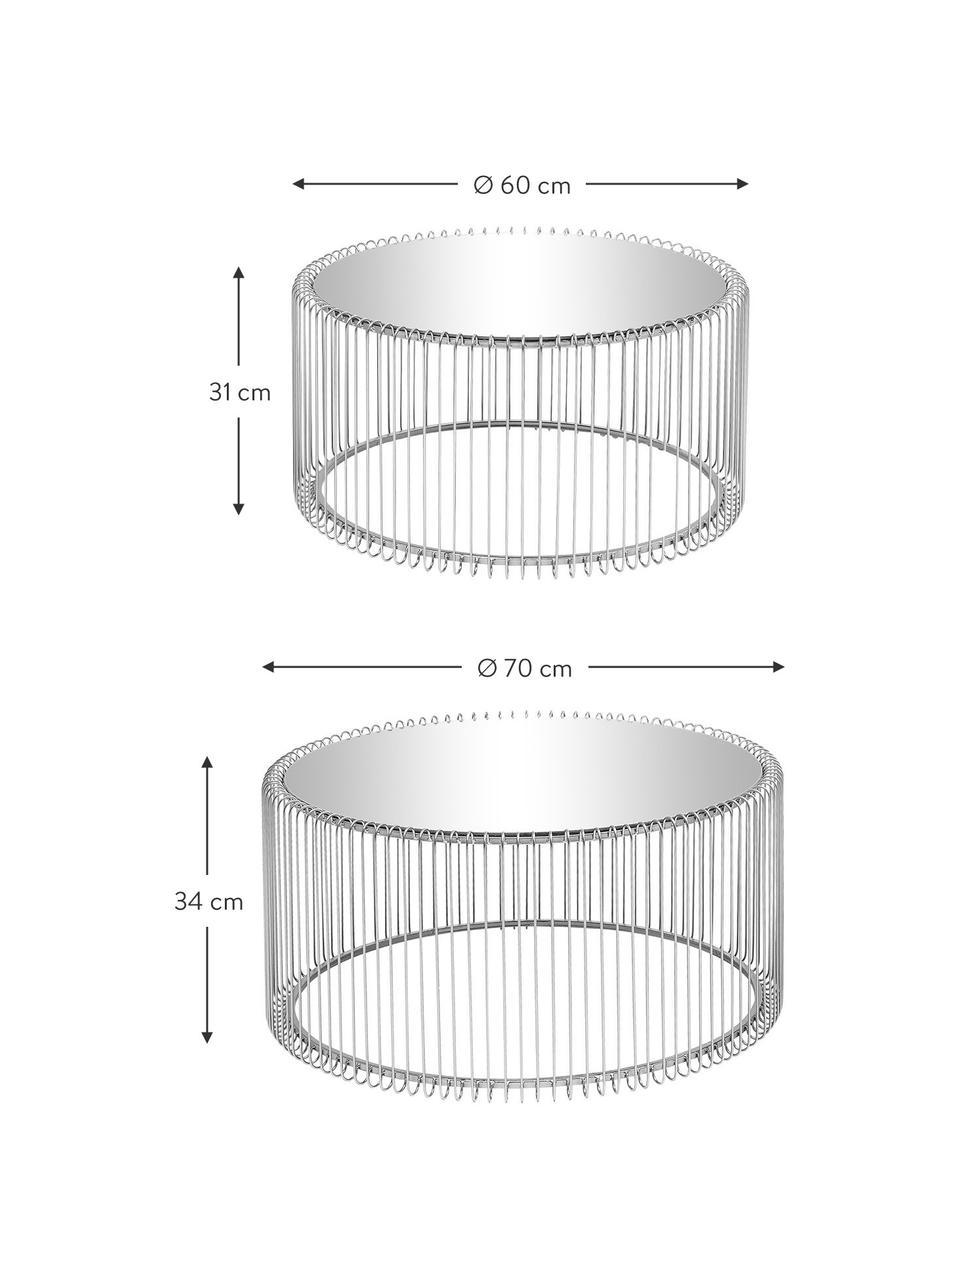 Komplet stolików kawowych z metalu ze szklanym blatem Wire, 2 elem., Stelaż: metal malowany proszkowo, Blat: szkło hartowane, foliowan, Chrom, Komplet z różnymi rozmiarami